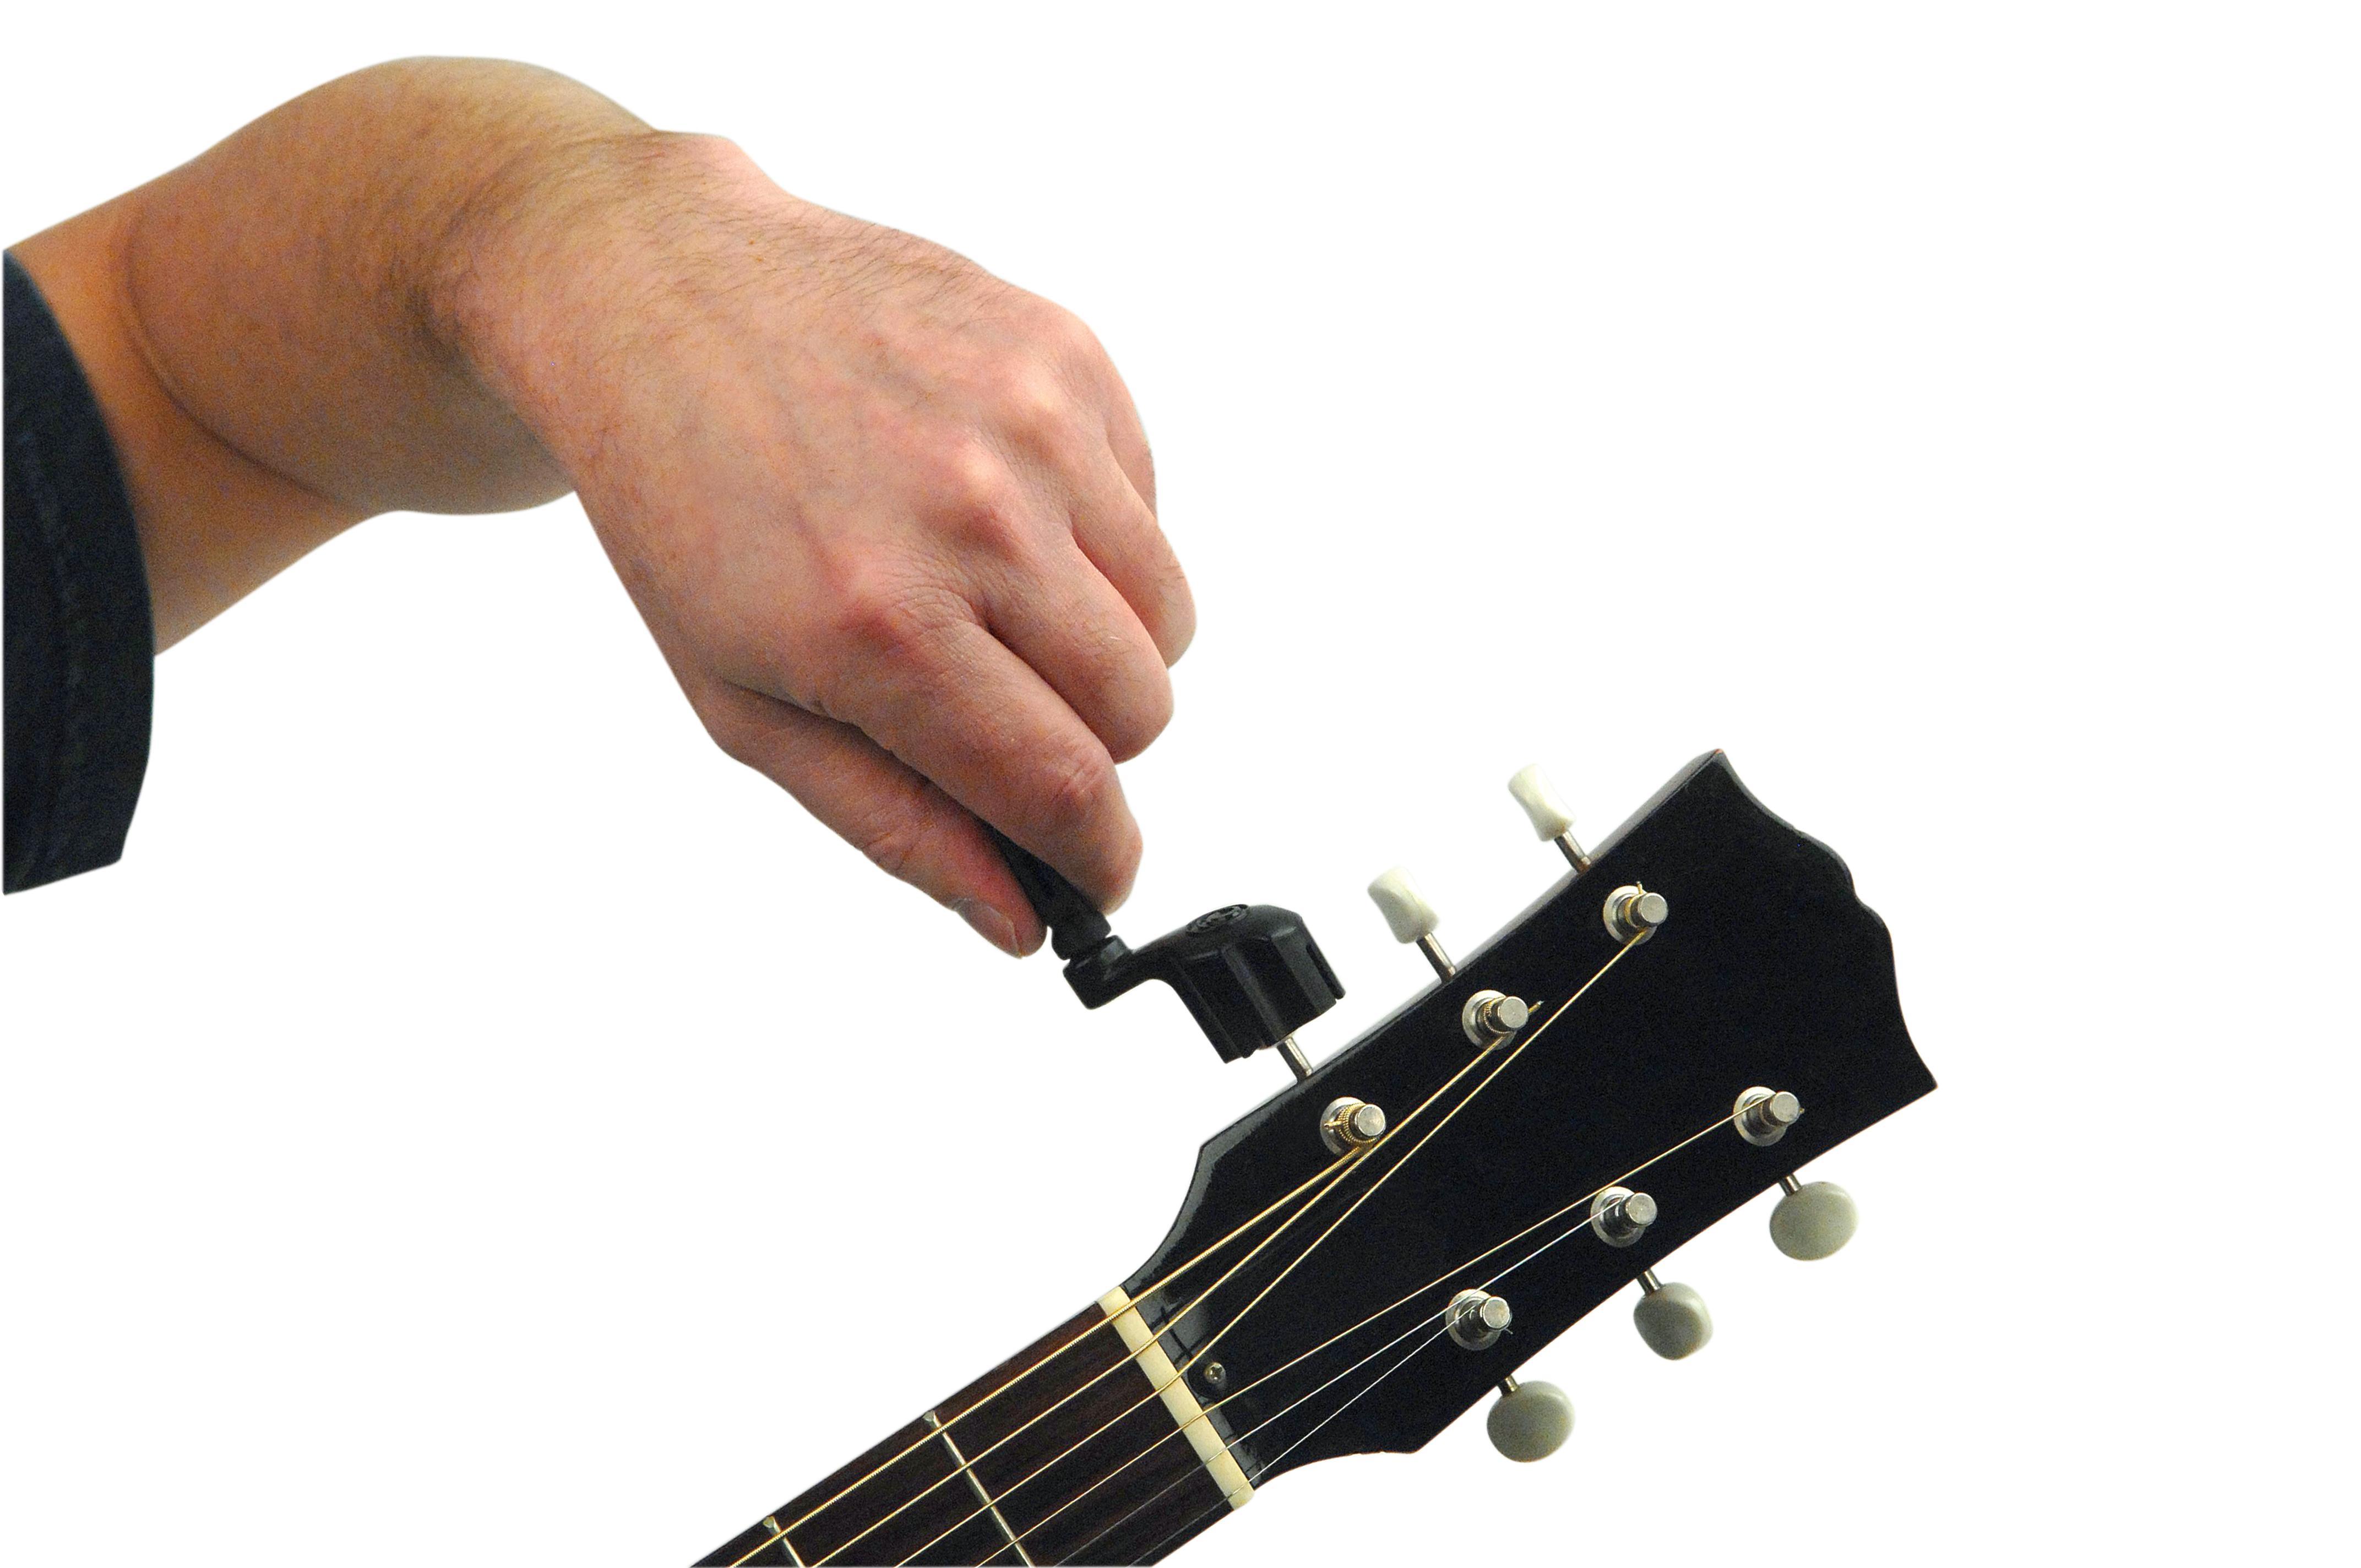 Planet Waves Ergonomic Bass Guitar Peg Winder D/'Addario PWPW1B